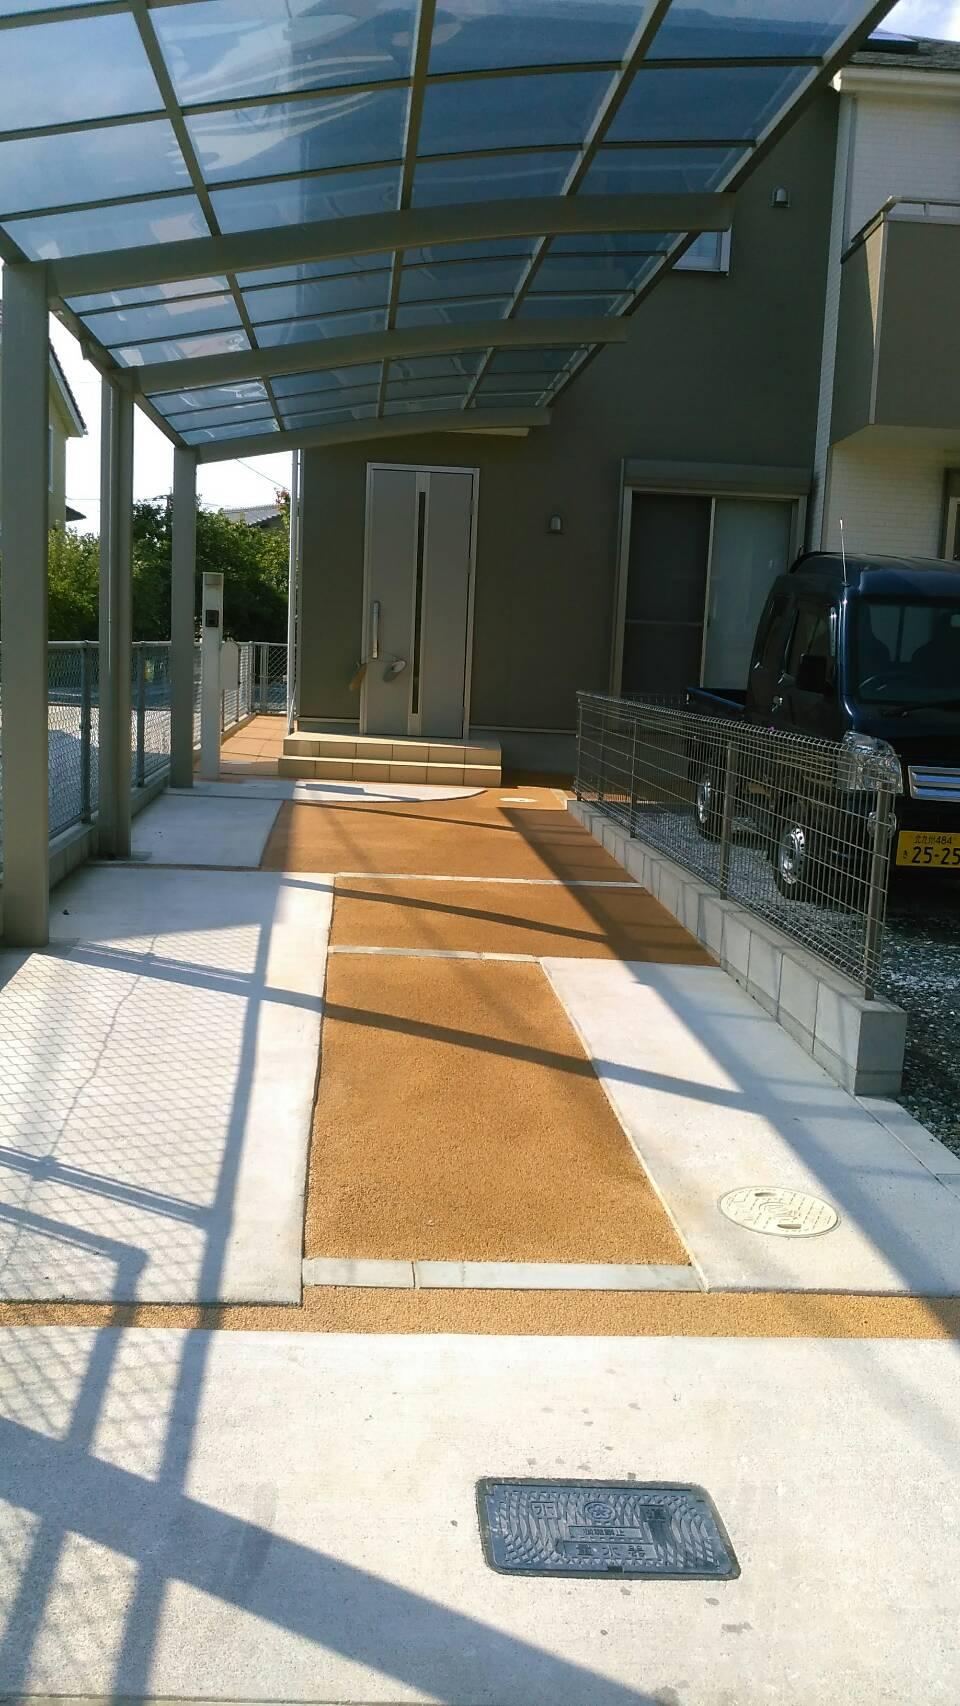 7/25施工 小倉南区、T邸 駐車場、玄関横を標準色で施工しました。